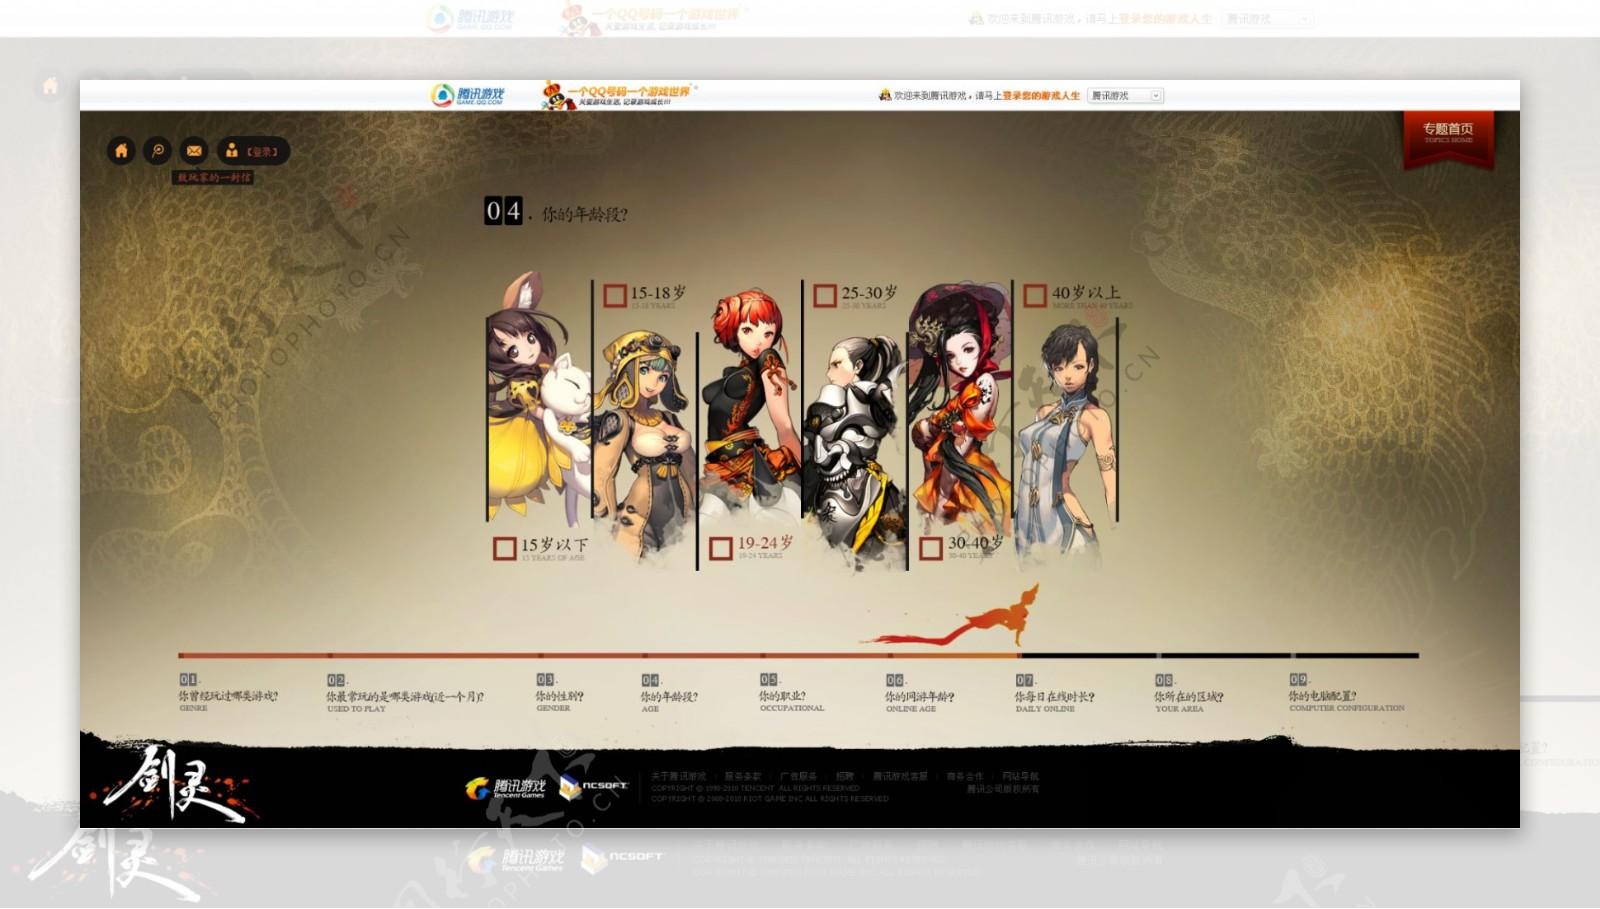 剑灵游戏页面图片